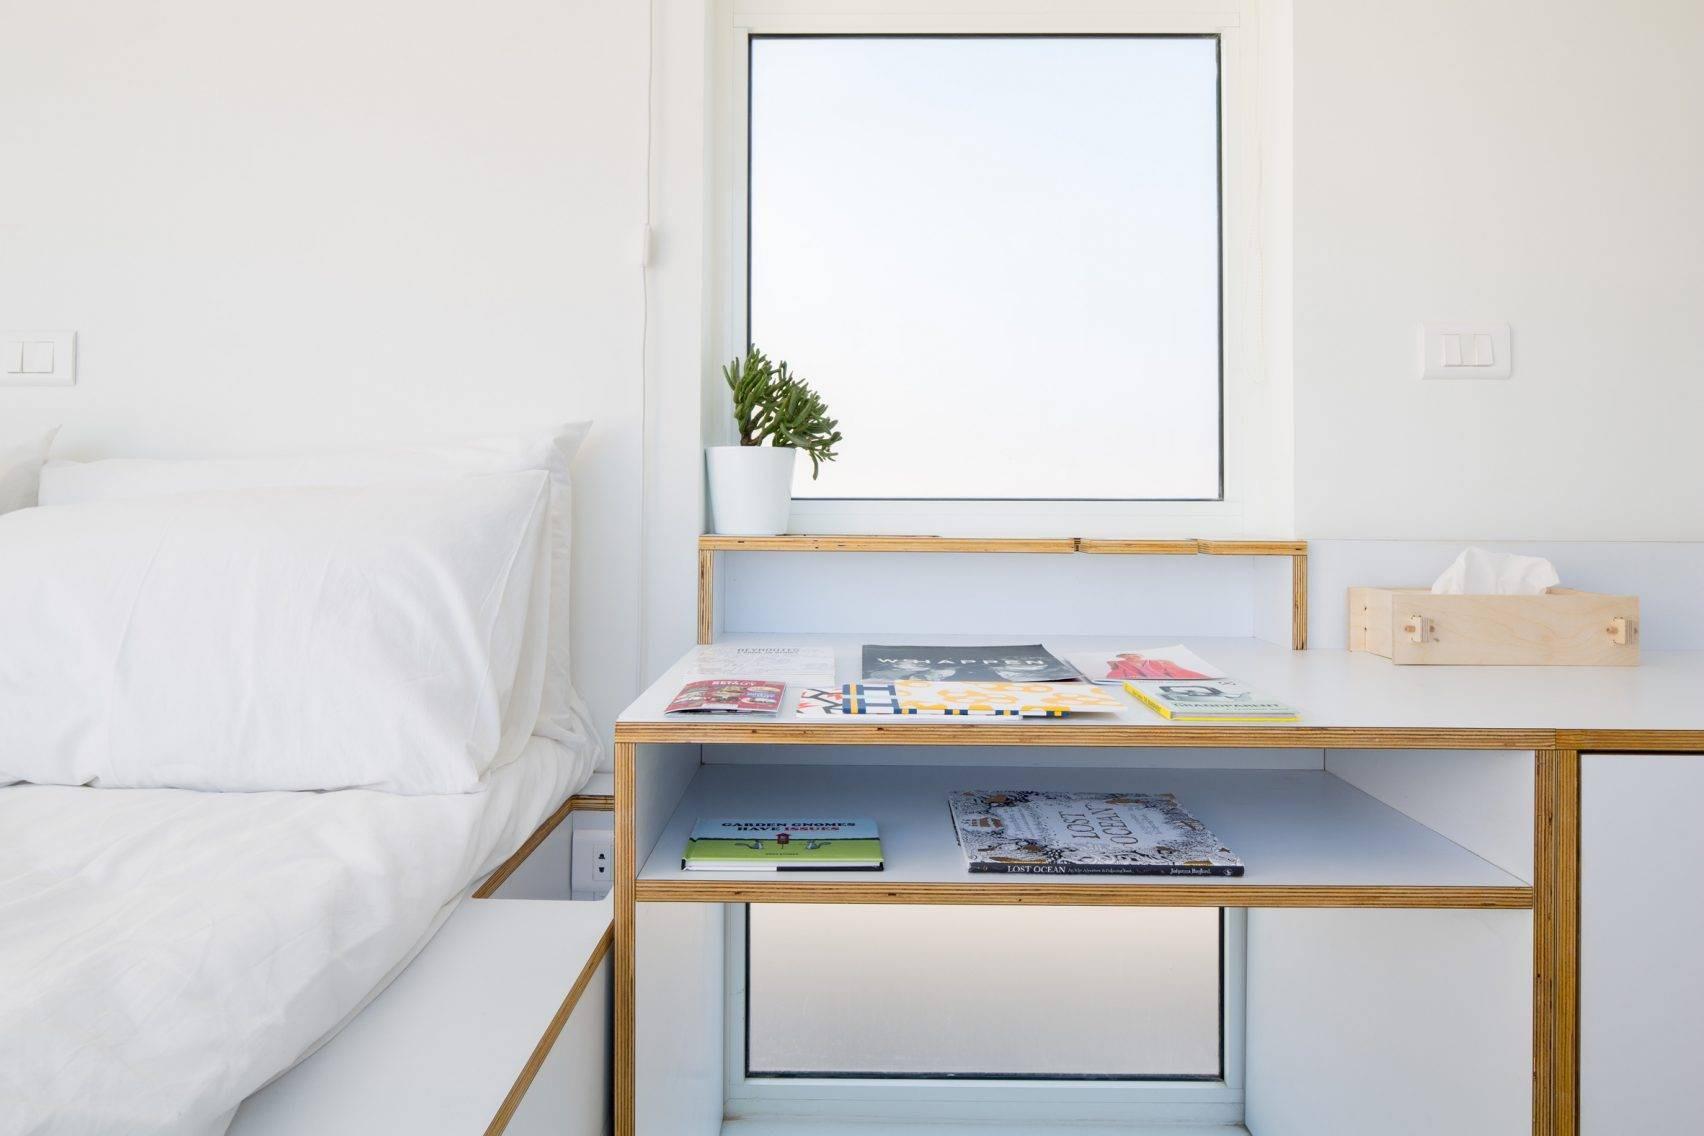 Cuộc sống tiện nghi, đủ đầy chỉ gói ghém vỏn vẹn trong căn hộ nhỏ 15m² - Ảnh 4.